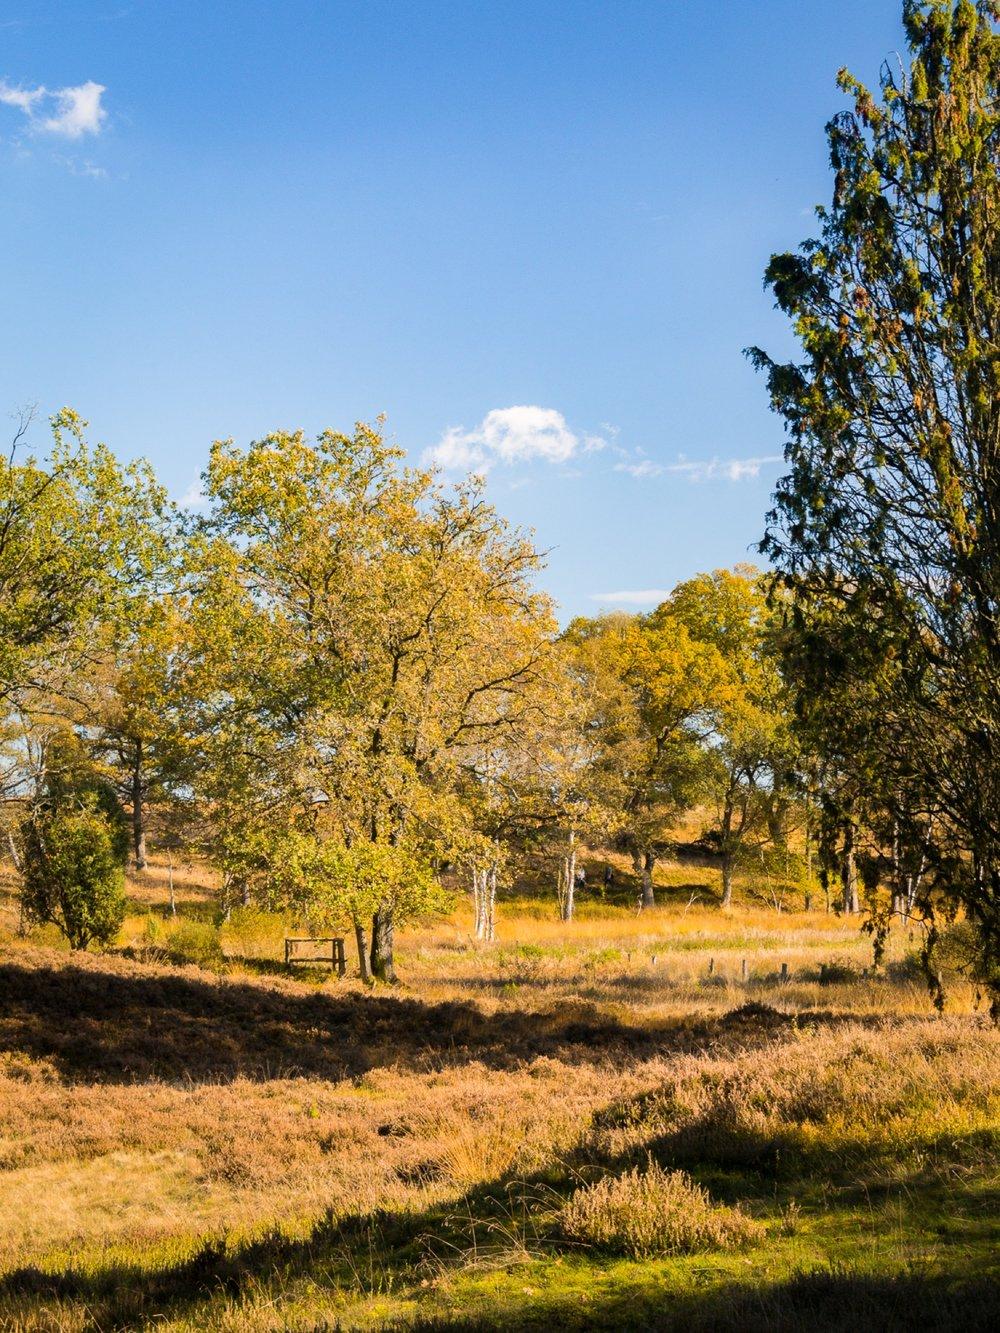 10.19.13.55.32 - Herbst 14 neu.jpg